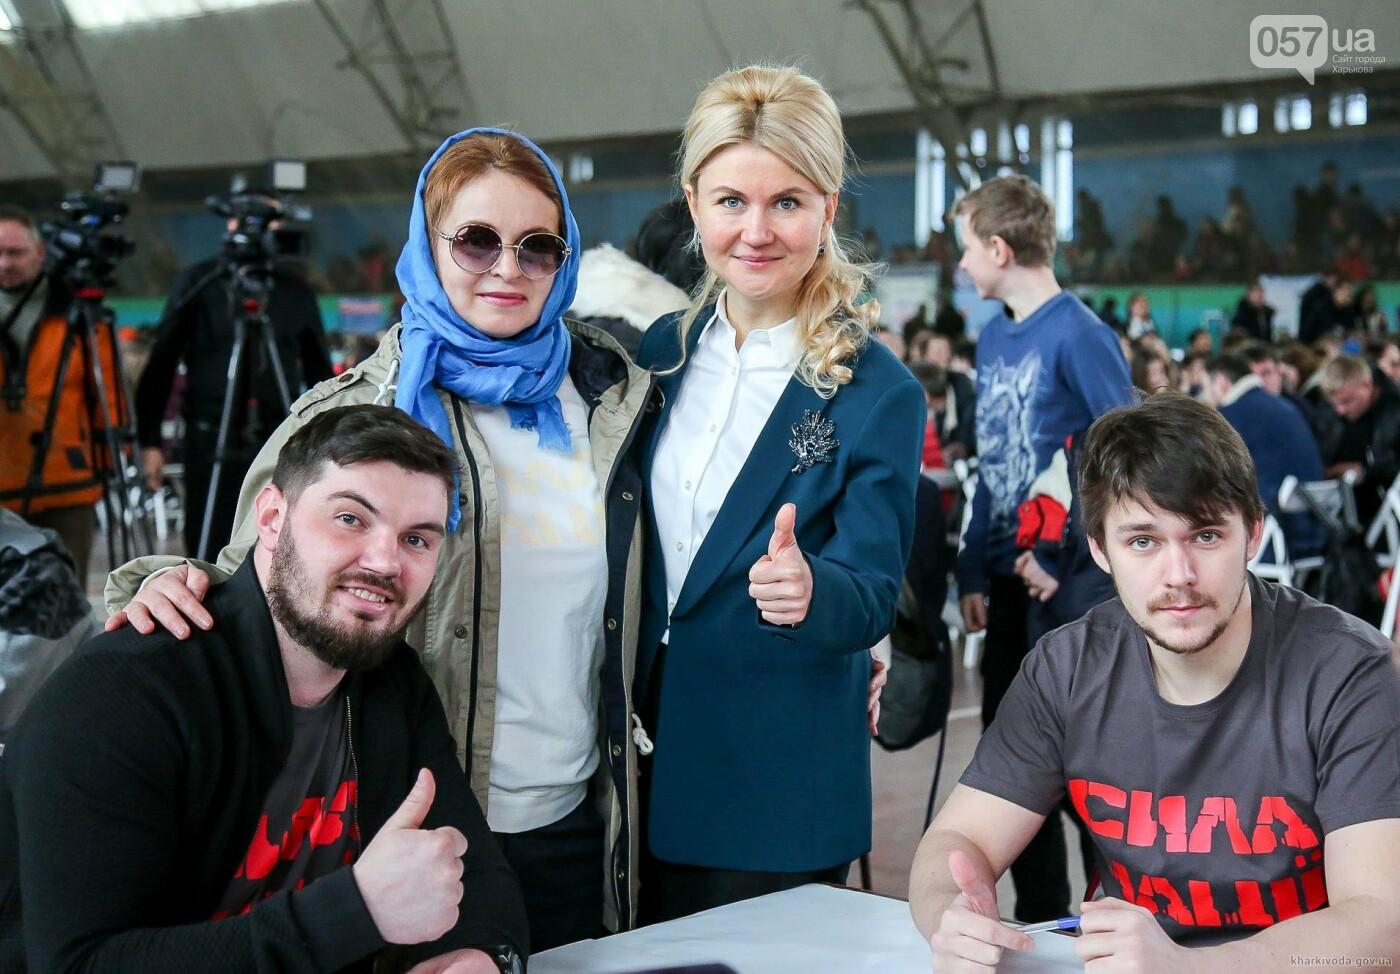 В Харьковской области установили интеллектуальный рекорд Украины, фото-2